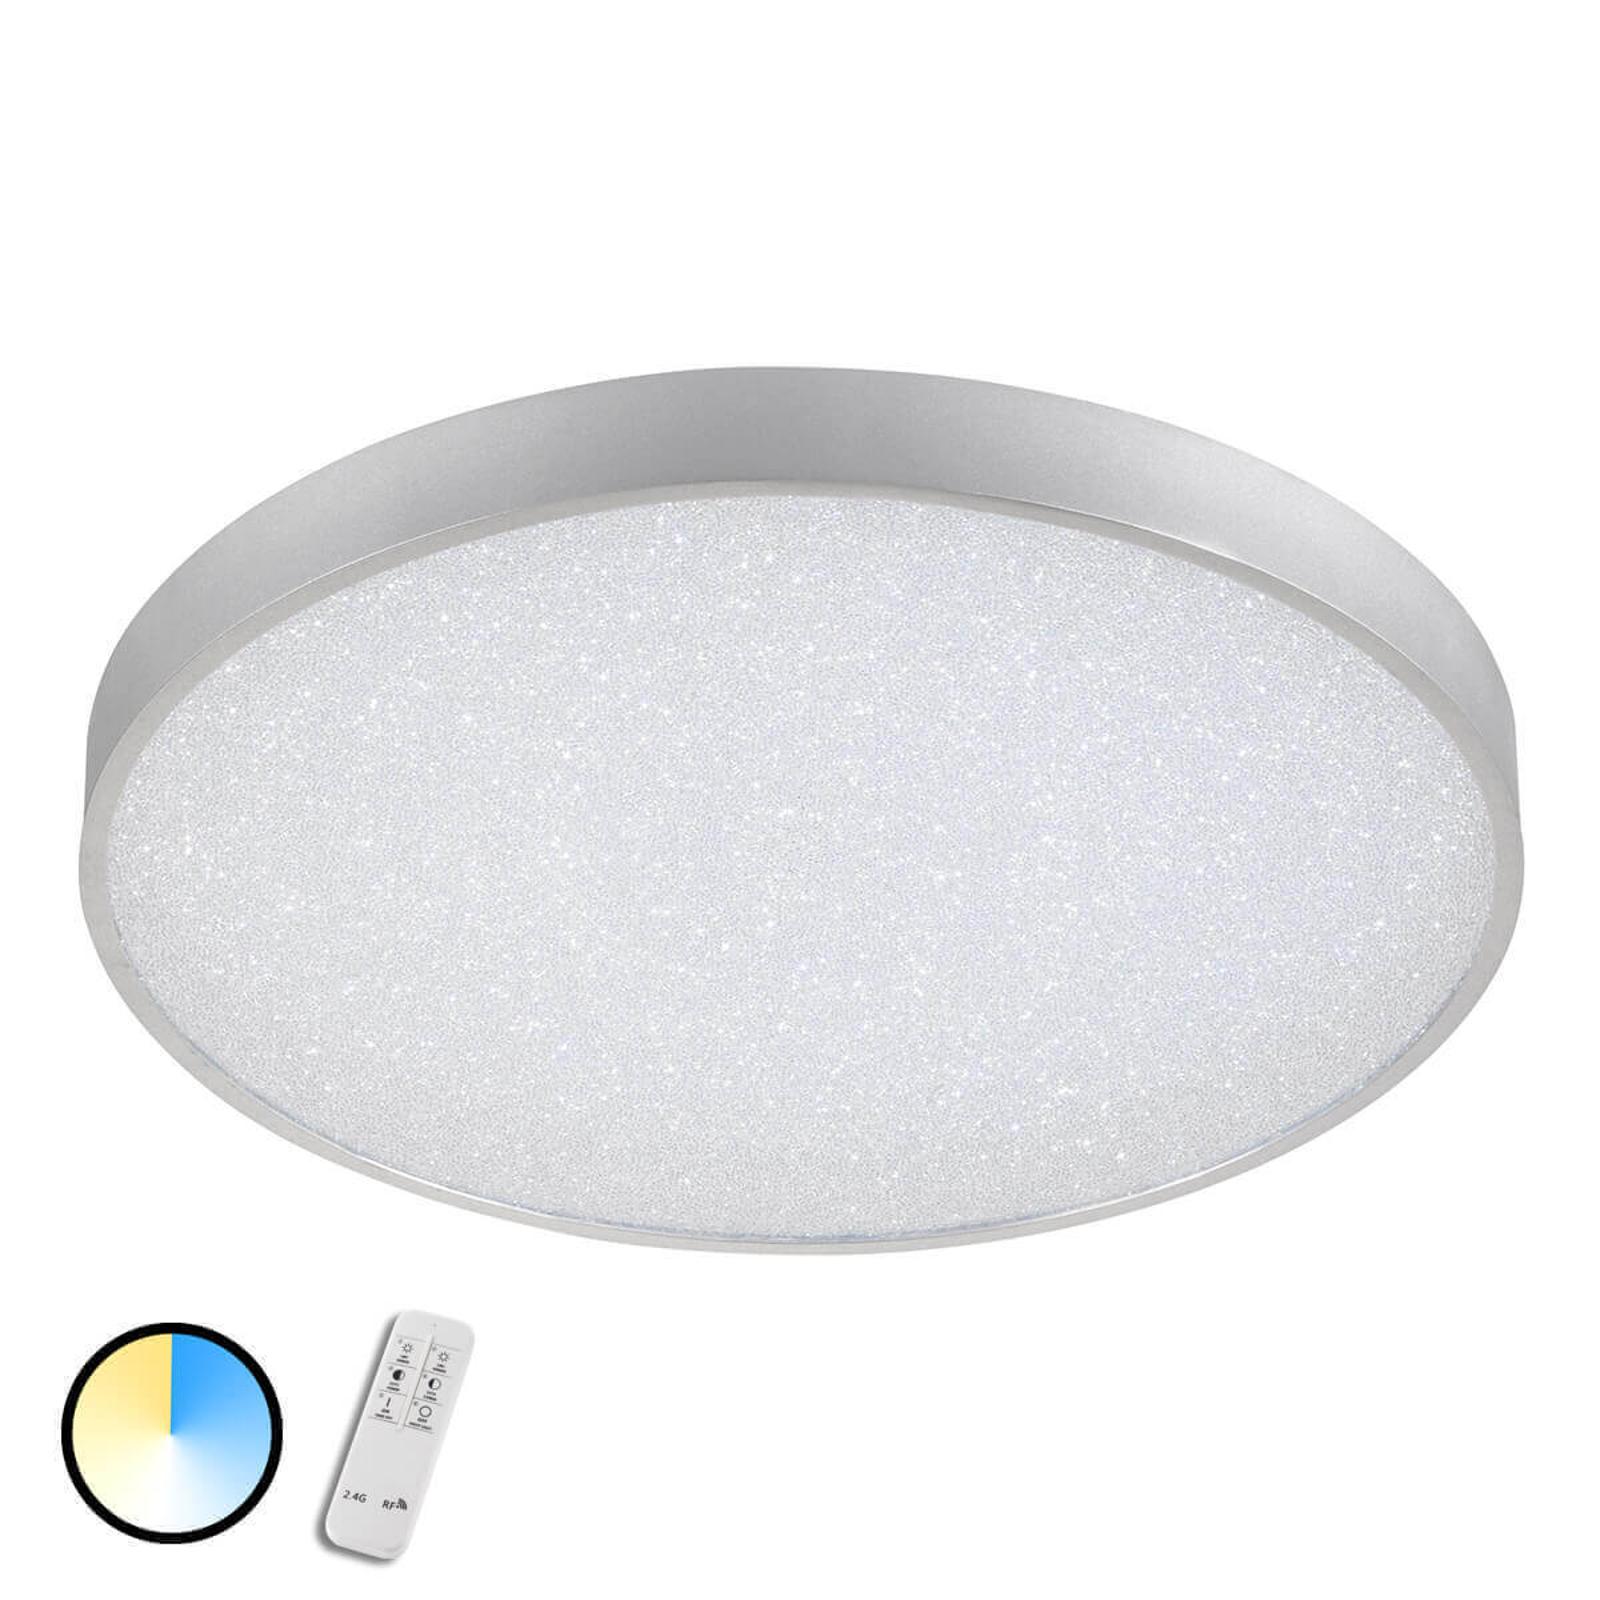 Plafonnier LED Glam, rond, avec télécommande